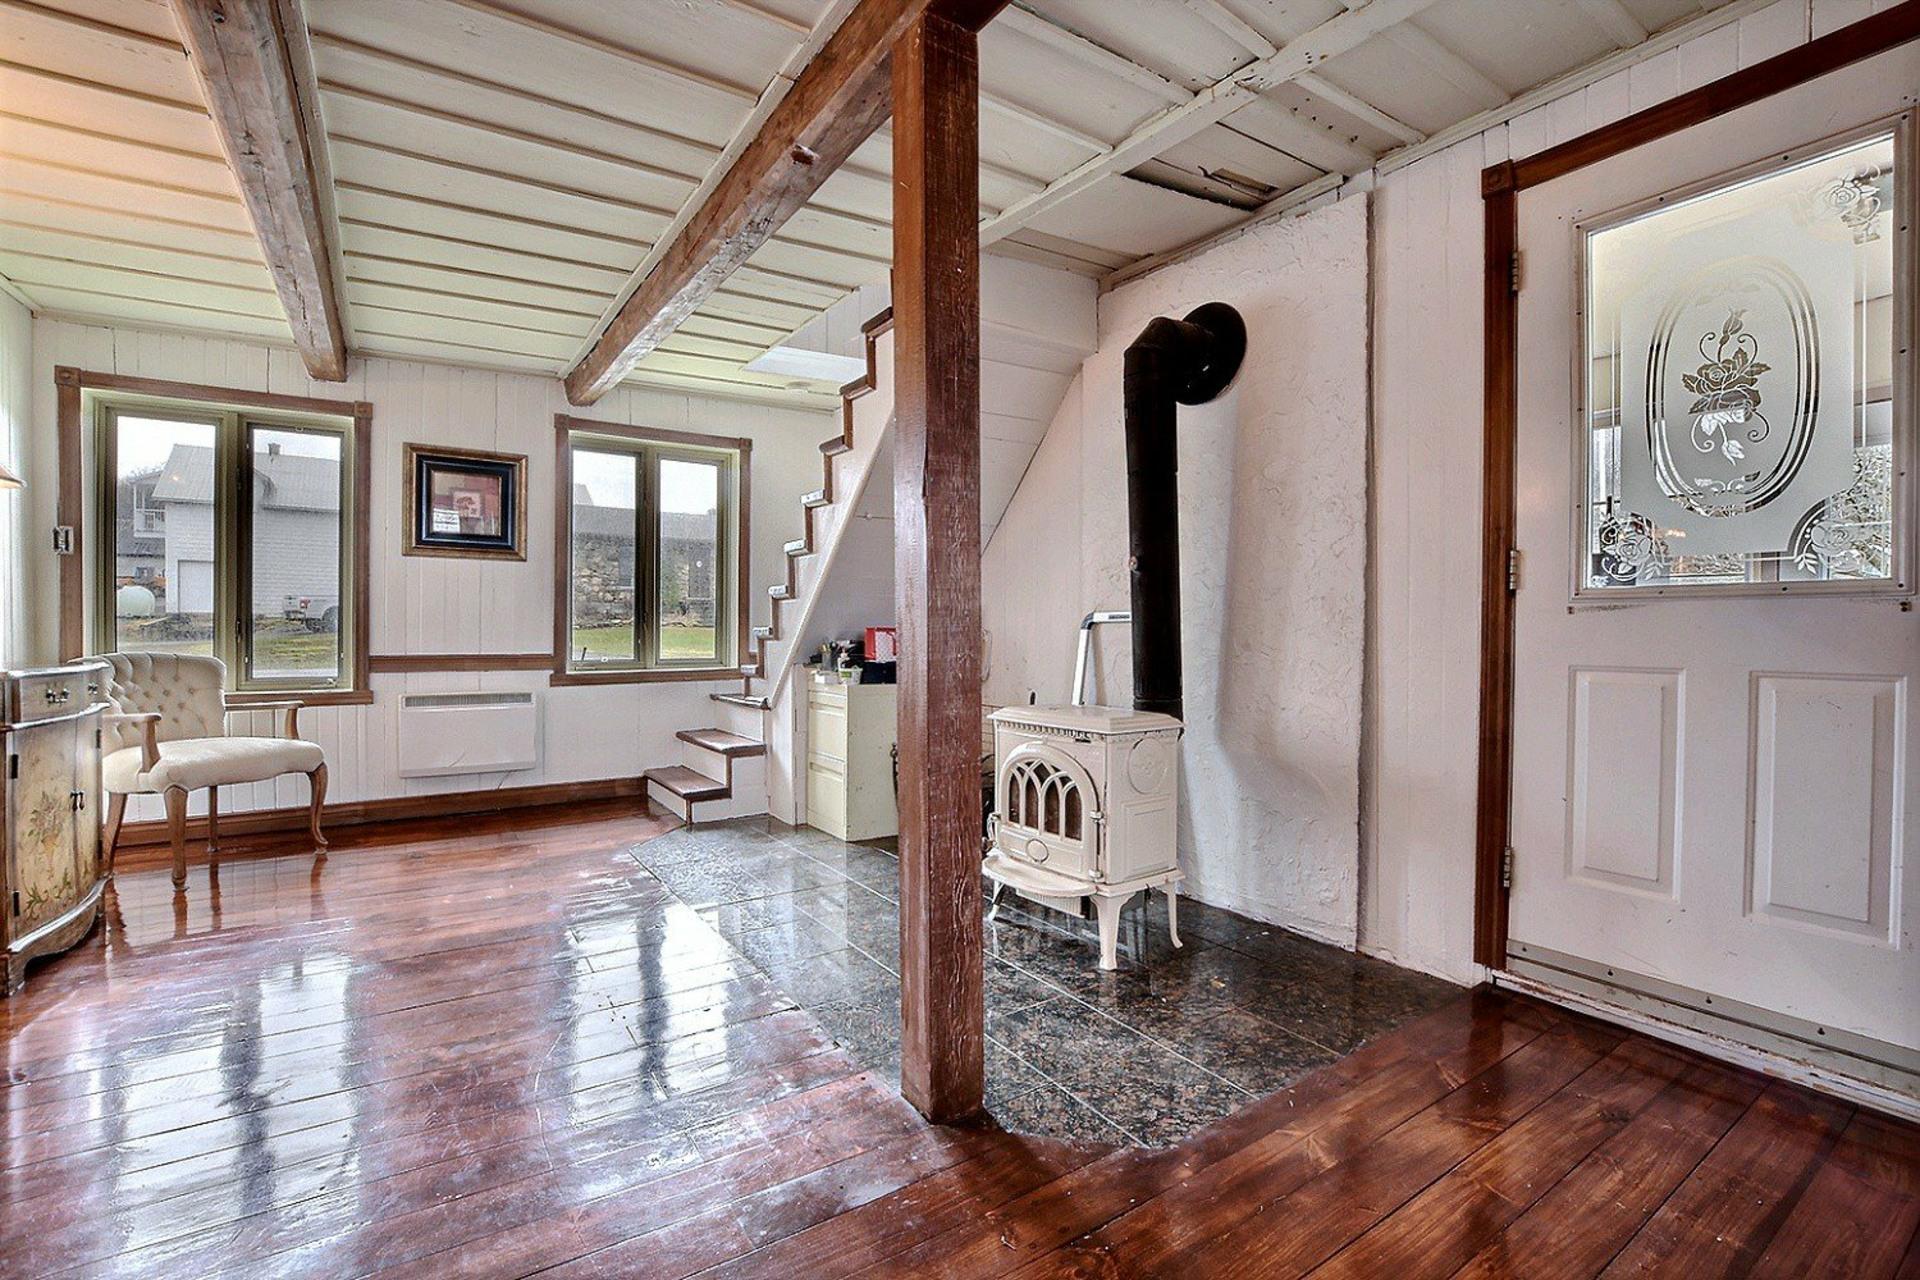 image 4 - Maison À vendre Saint-Joseph-du-Lac - 8 pièces